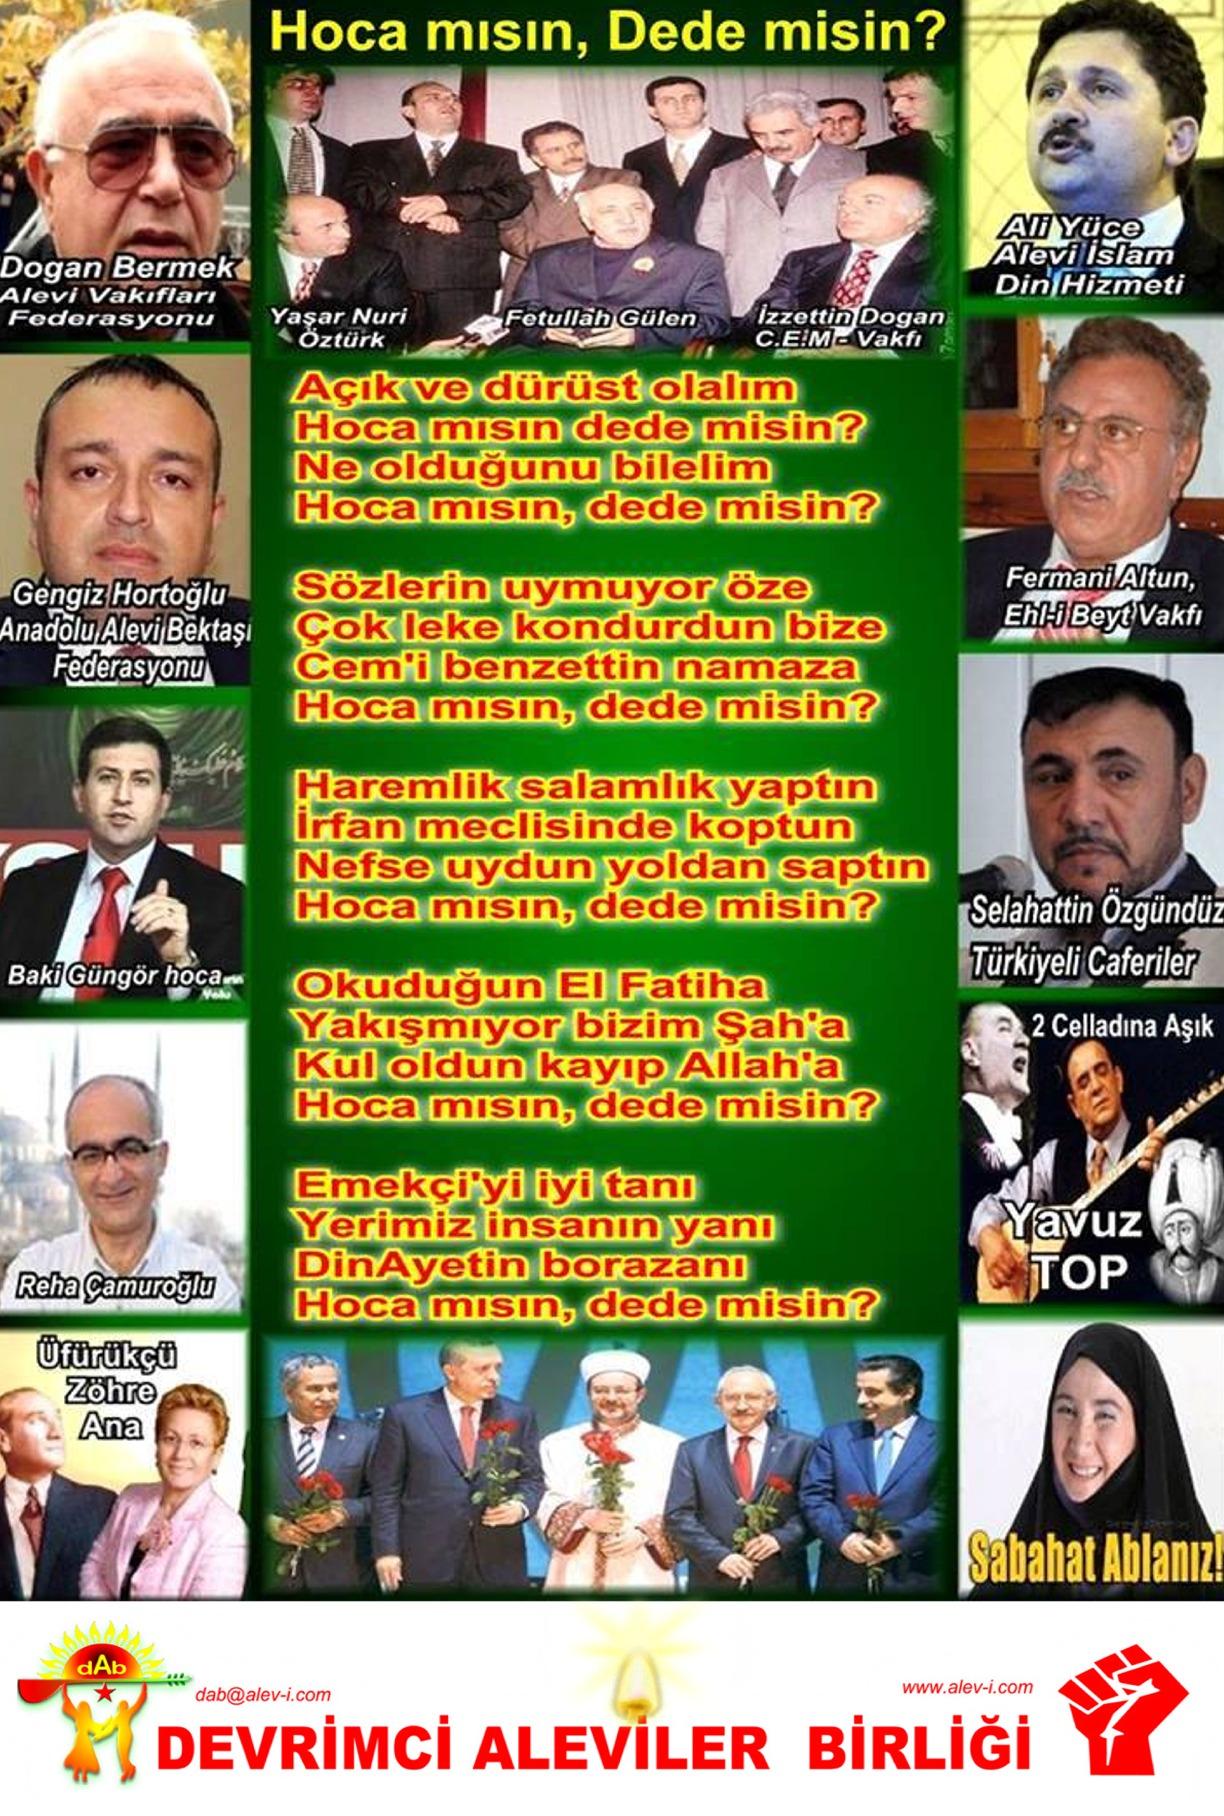 Alevi Bektaşi Kızılbaş Pir Sultan İslam dışı Atatürk faşist Devrimci Aleviler Birliği DAB dede pir